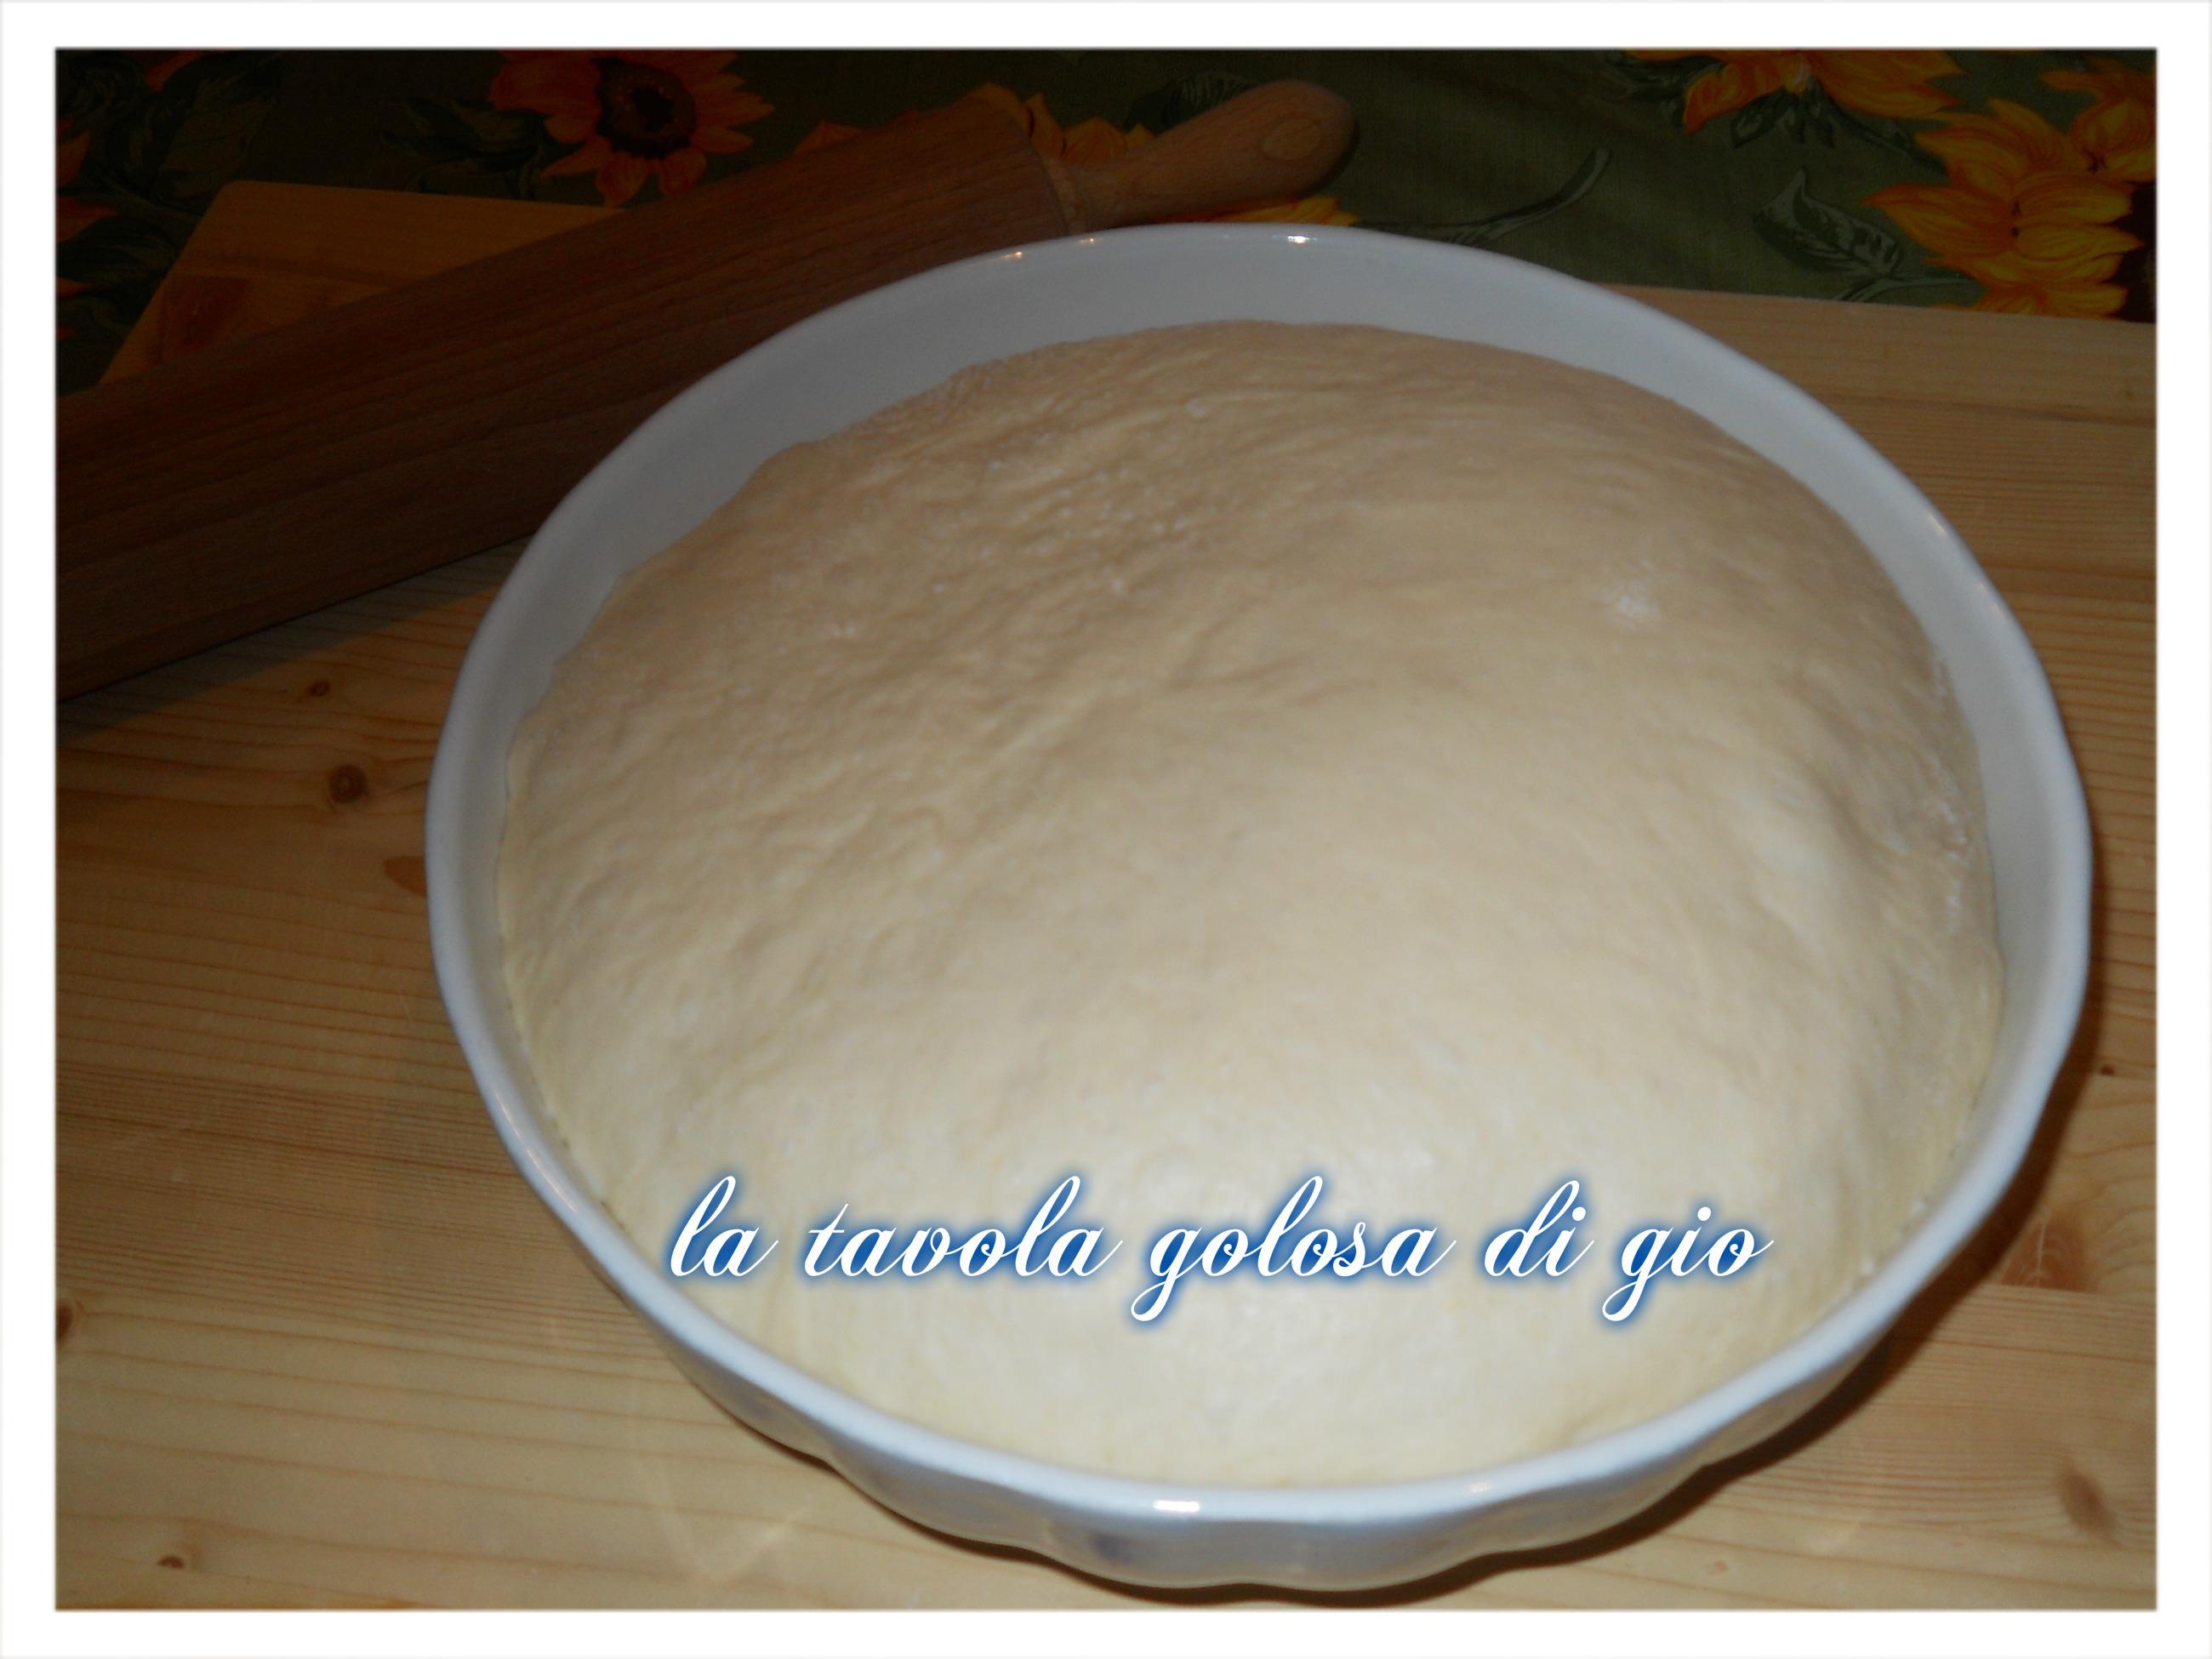 Ricerca ricette con impasto per calzoni al forno - Impasto per tavola calda siciliana ...